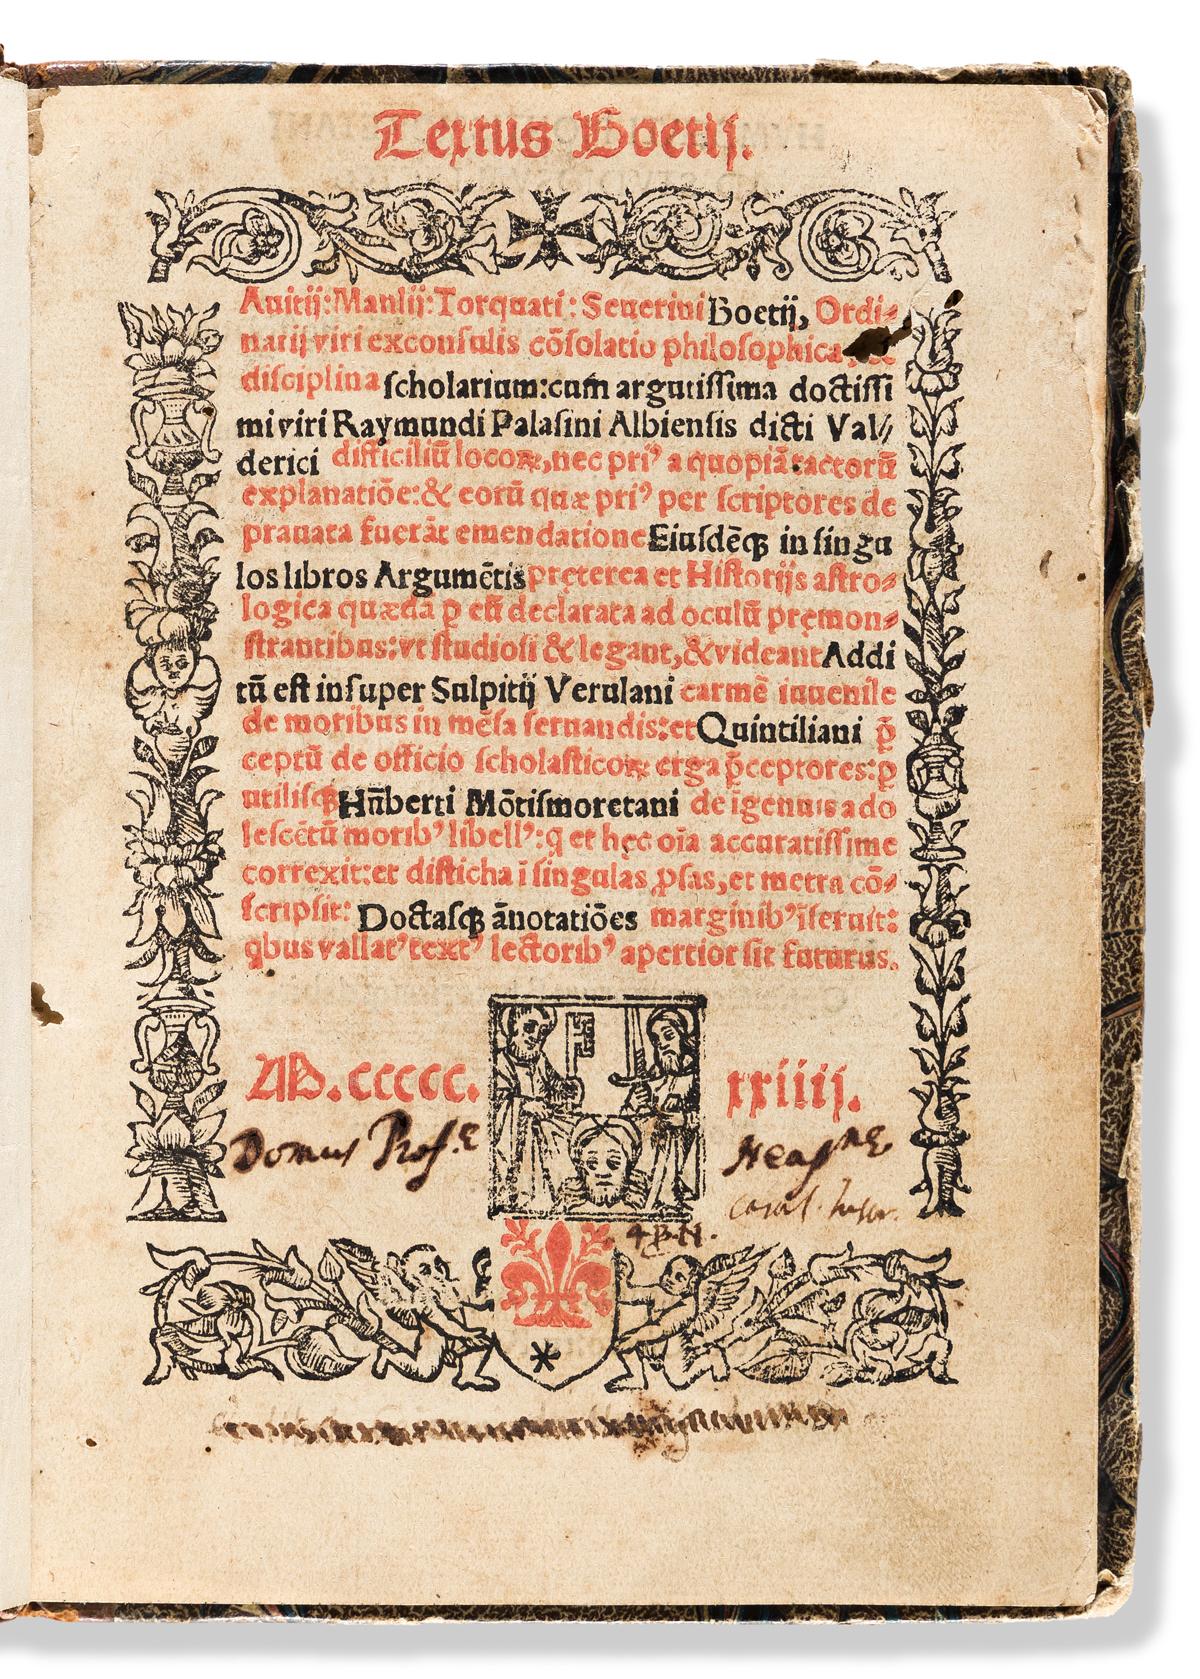 Boethius (c. 477-524 CE) Textus Boetii. [De Consolatione Philosophiae].